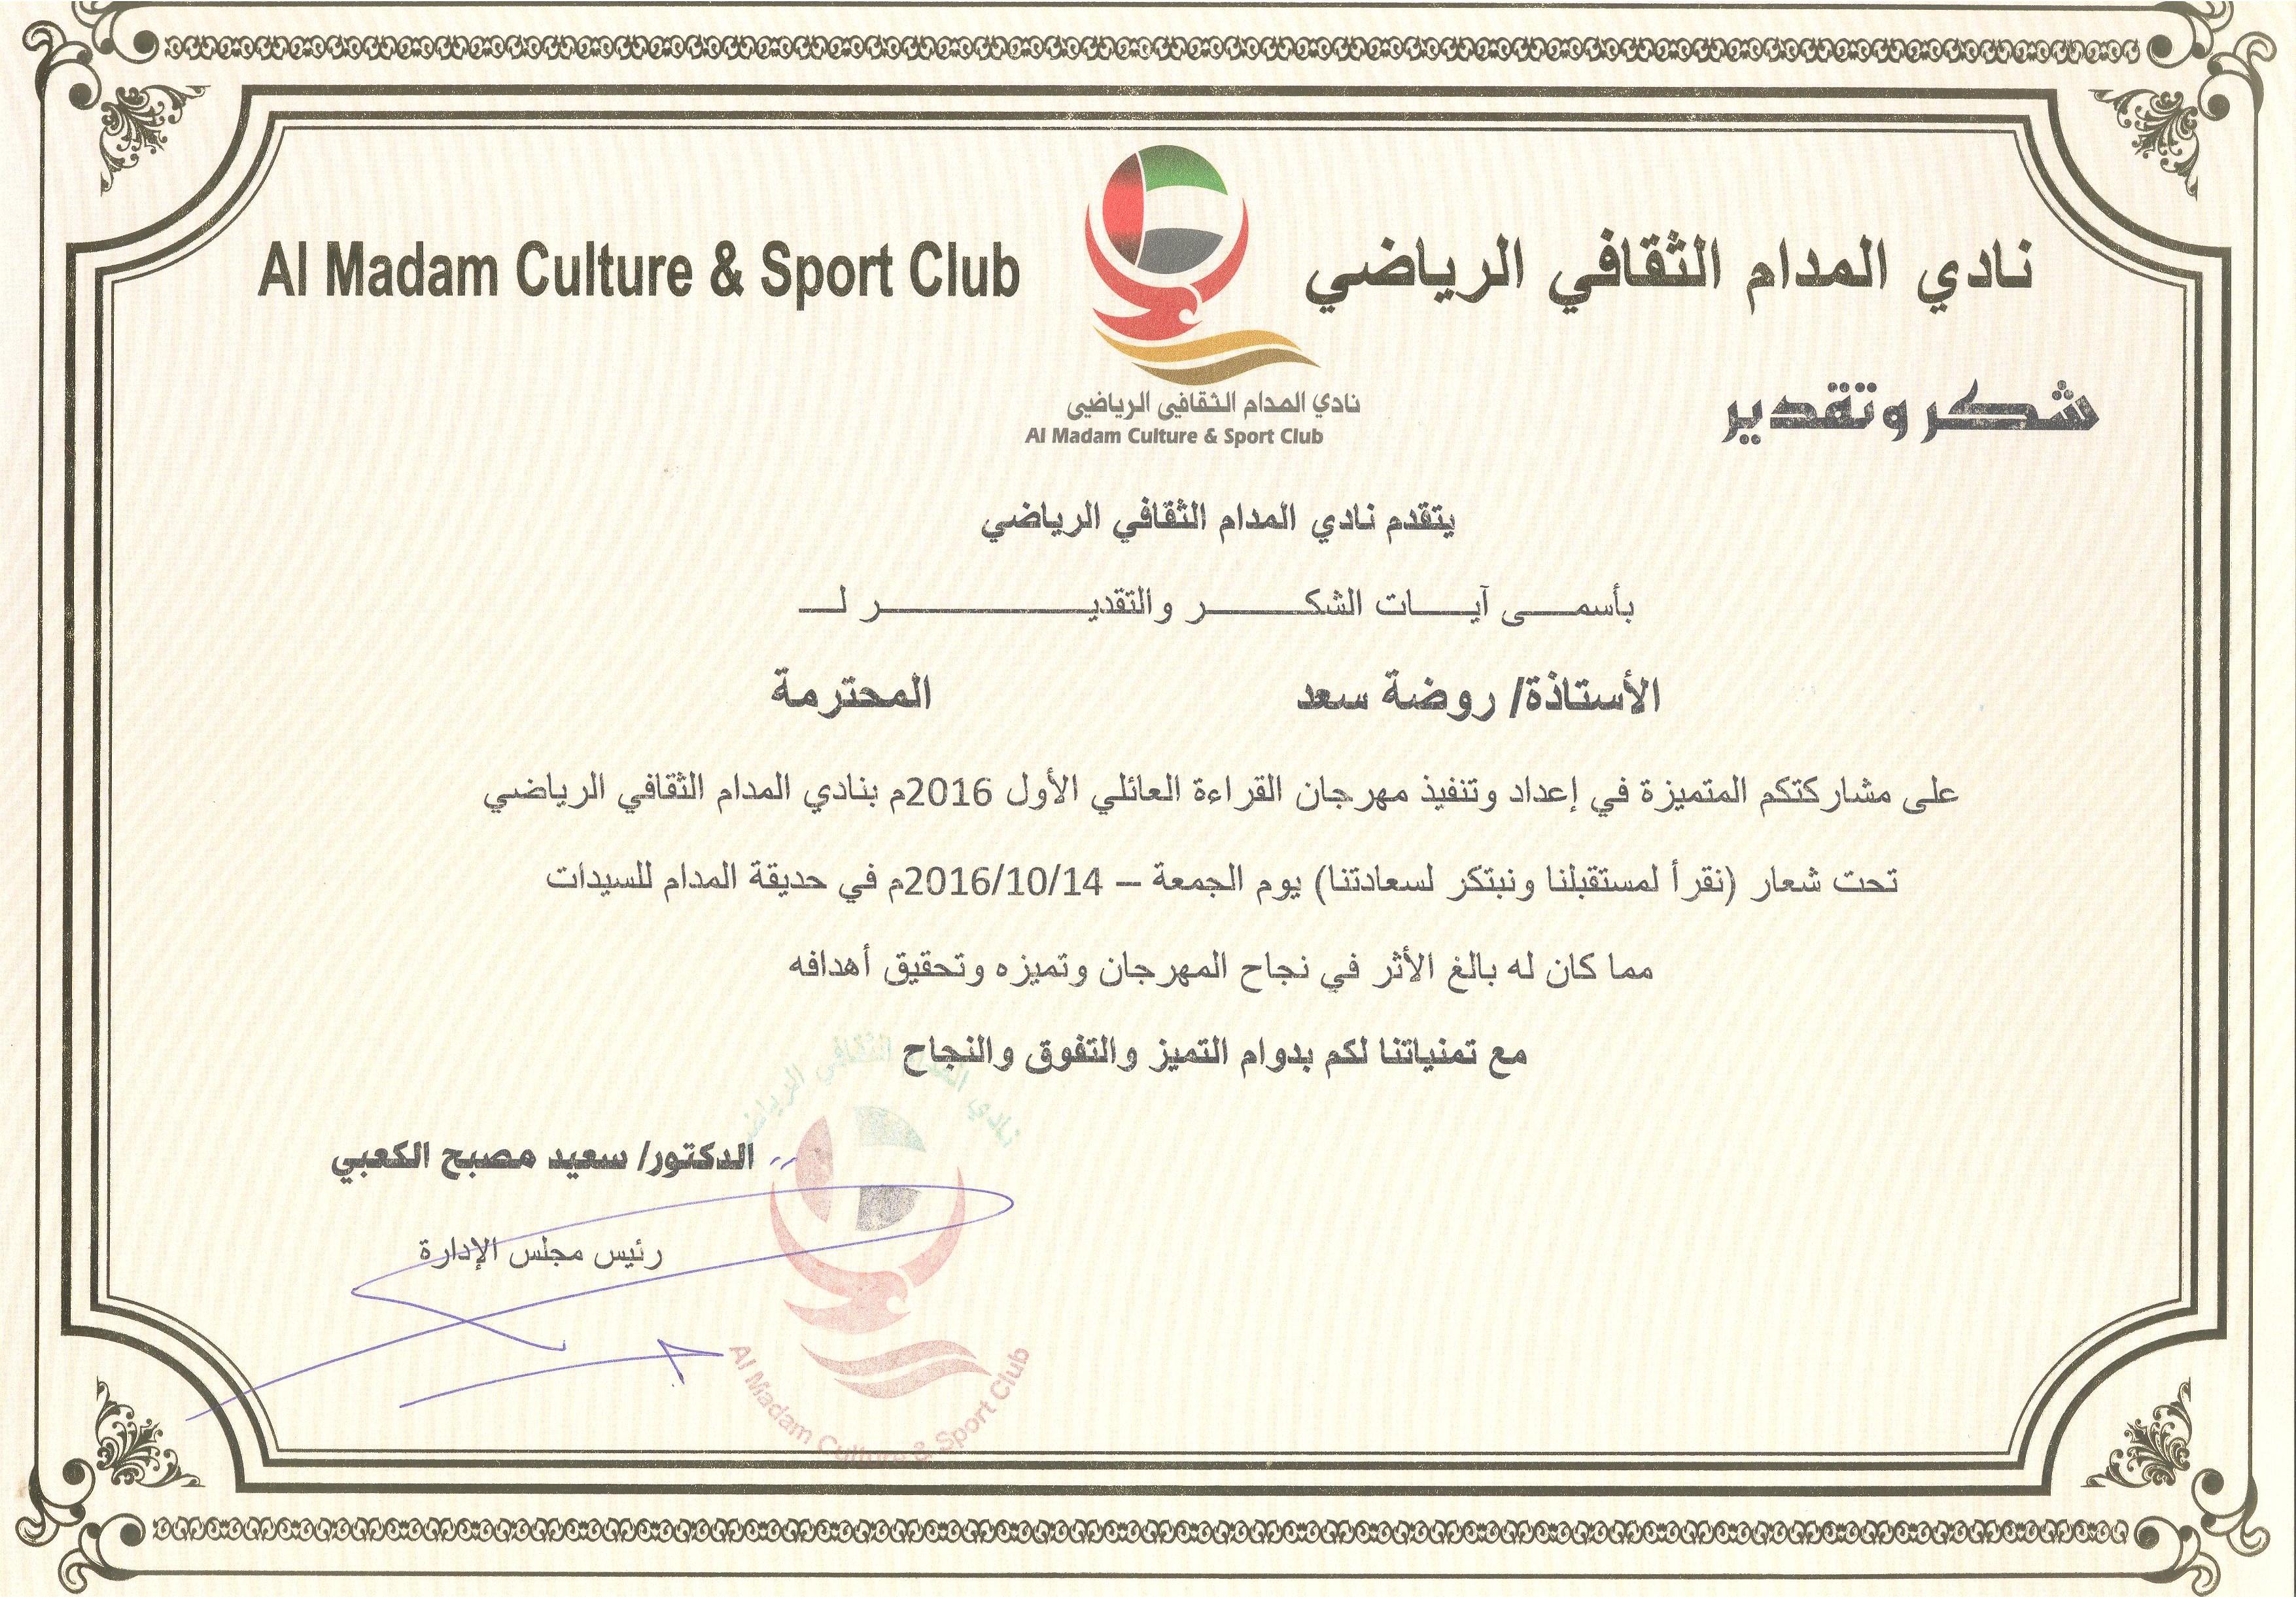 شهادة تكريم نادي المدام الثقافي الرياضي.